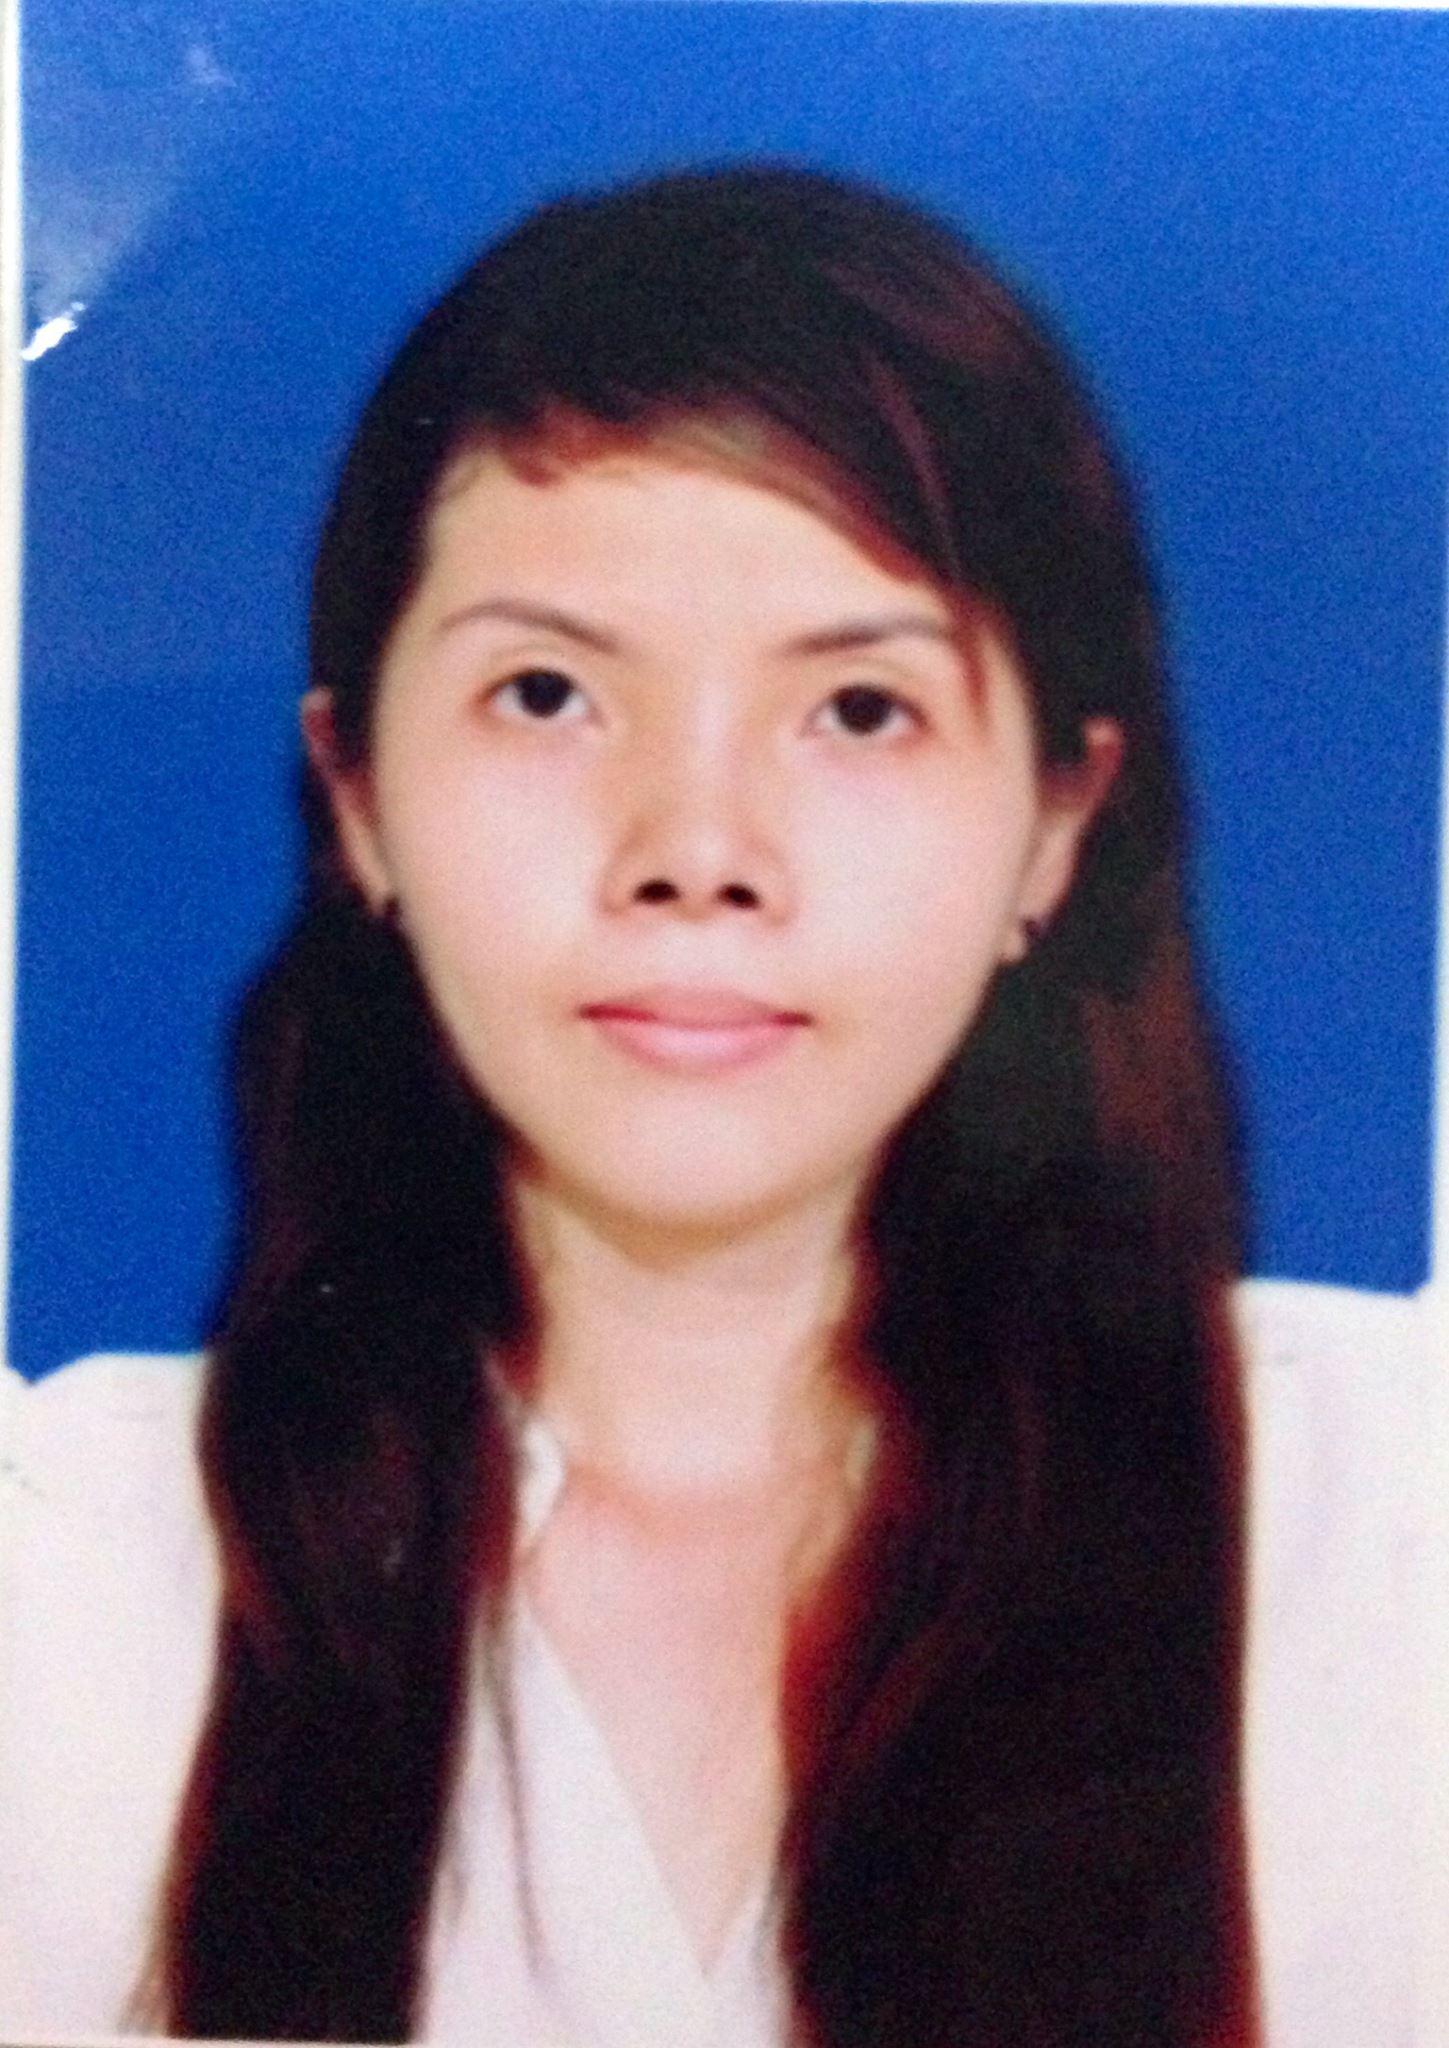 Nguyễn Thị Thu Mai